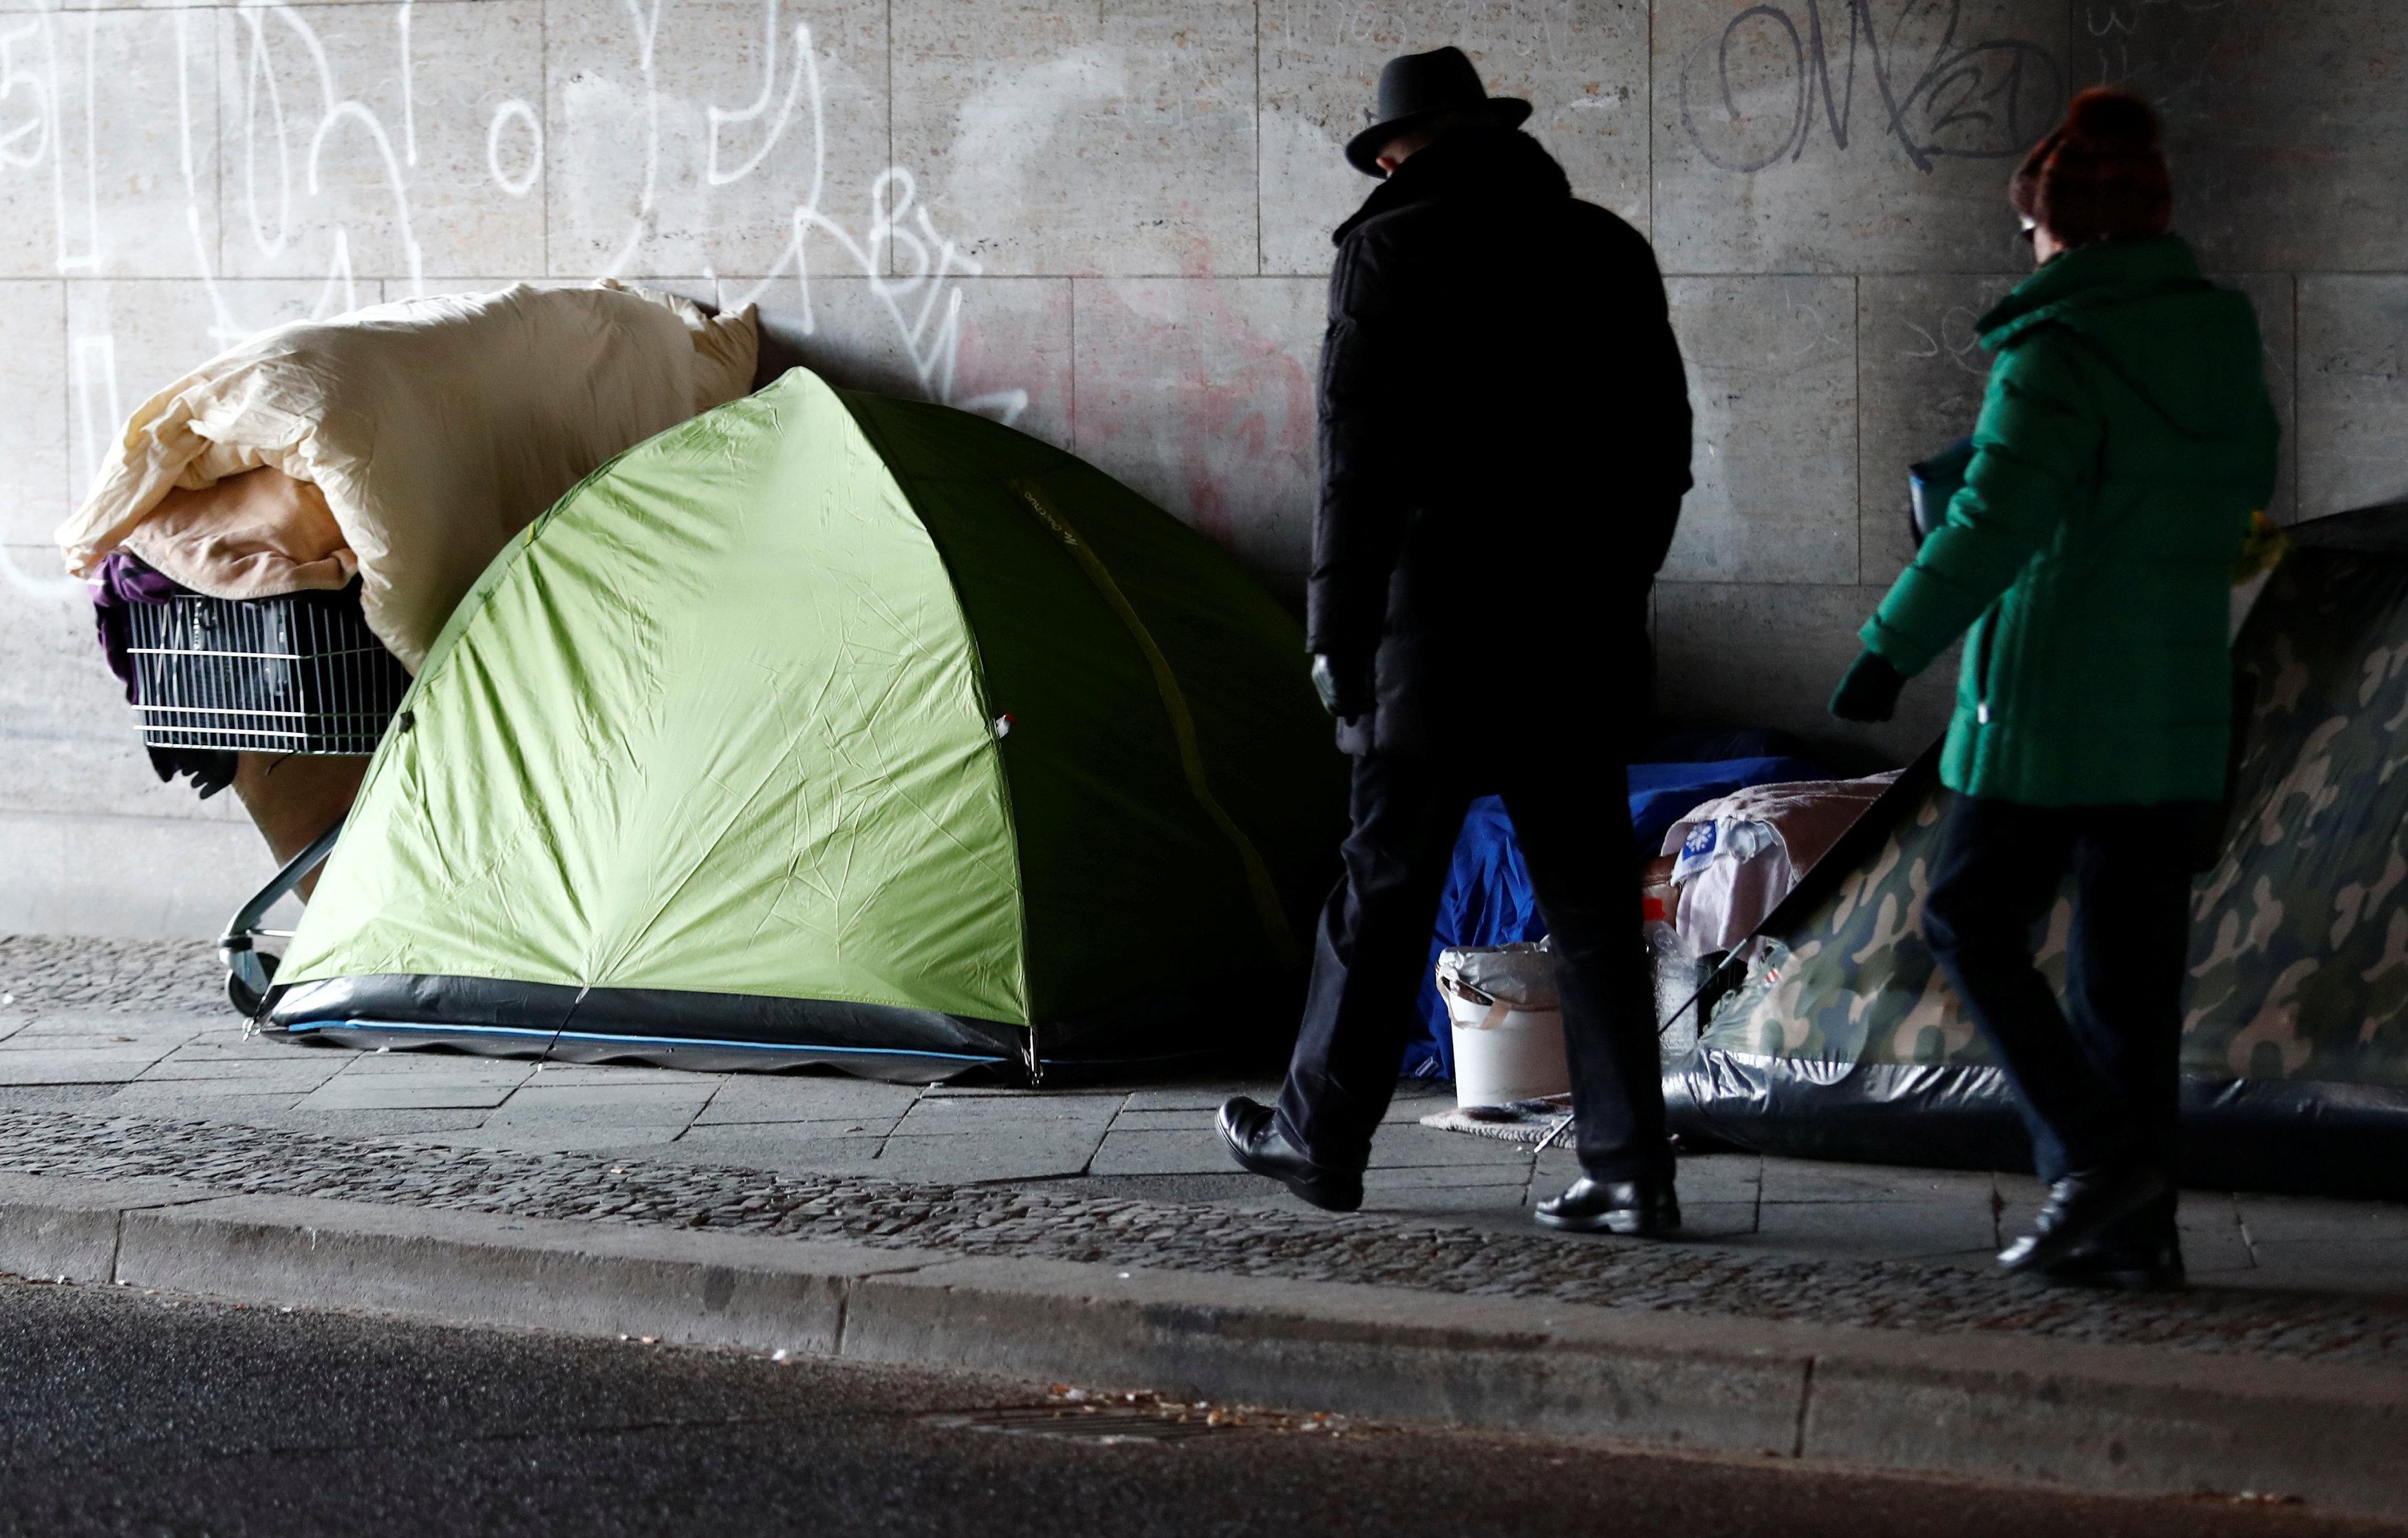 Berlin'de yaşayan evsizler, çadırda soğuklardan korunmaya çalışıyor.